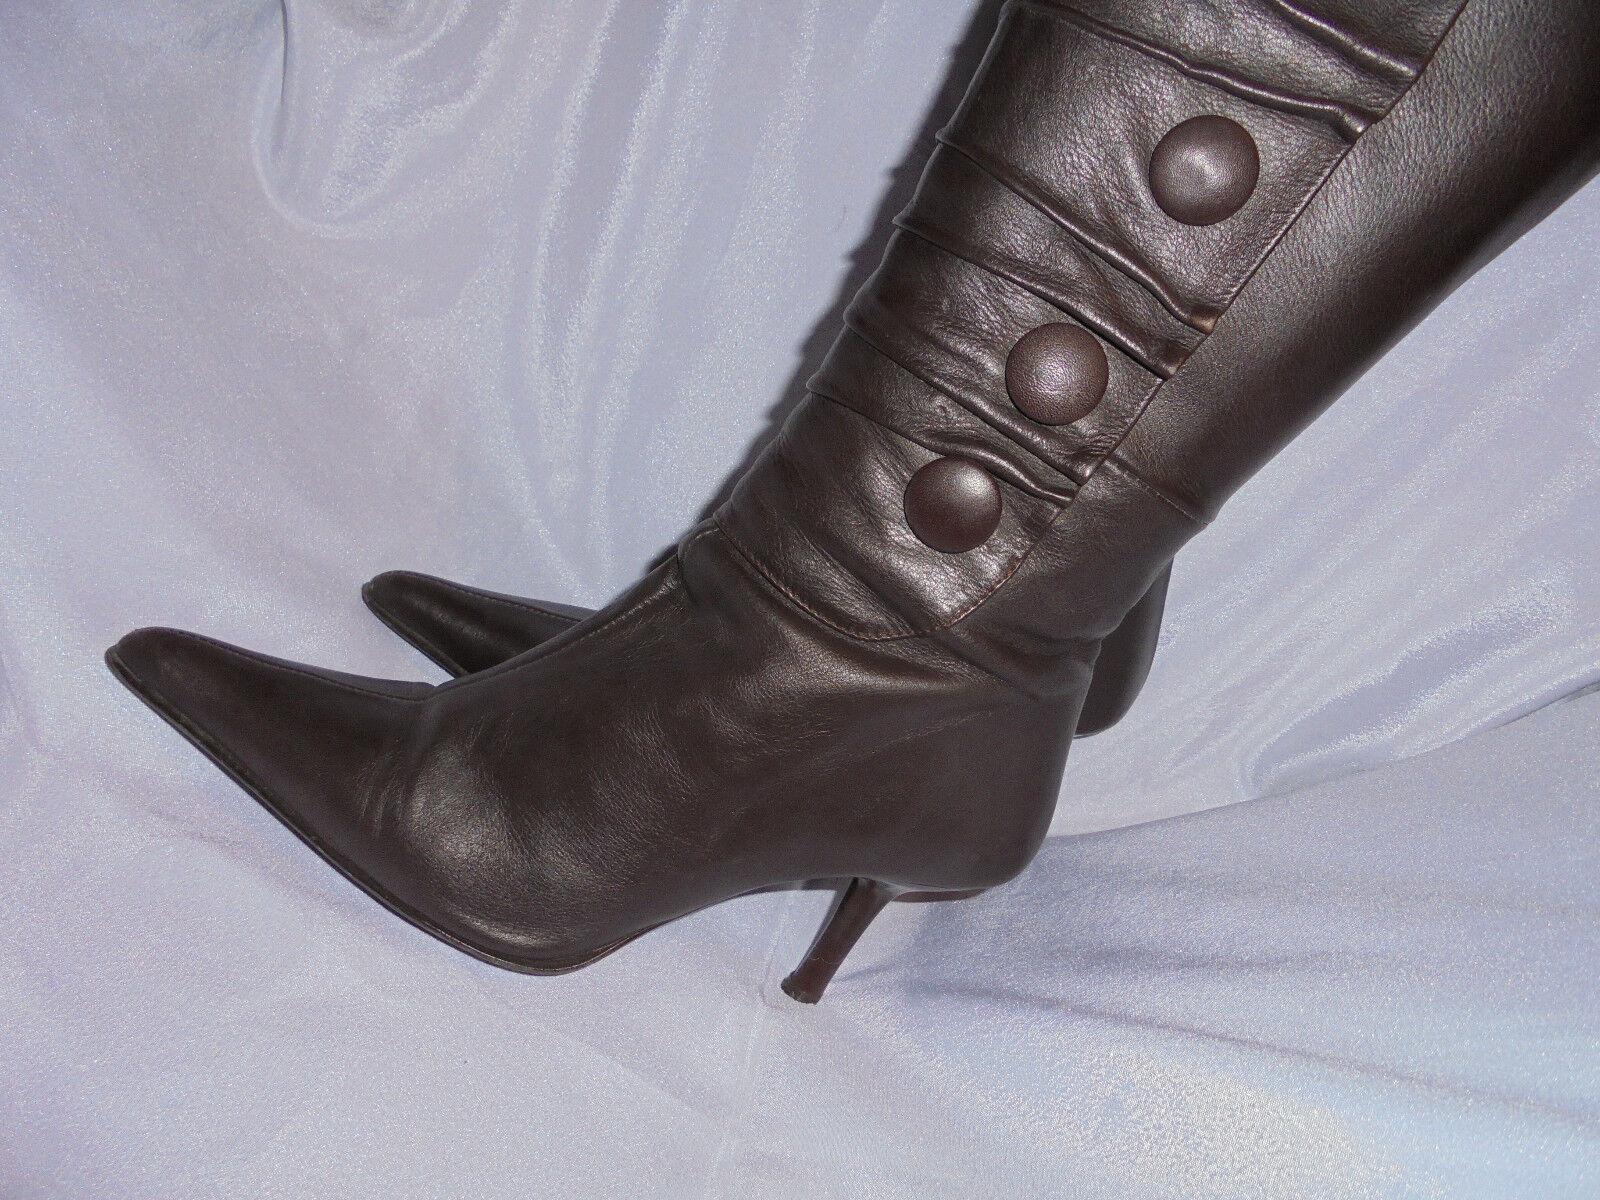 Hebillas Cuero Marrón & Rodillas arcos Mujeres Hasta Las Rodillas & Cremallera Boot Size en muy buena condición ee36d6